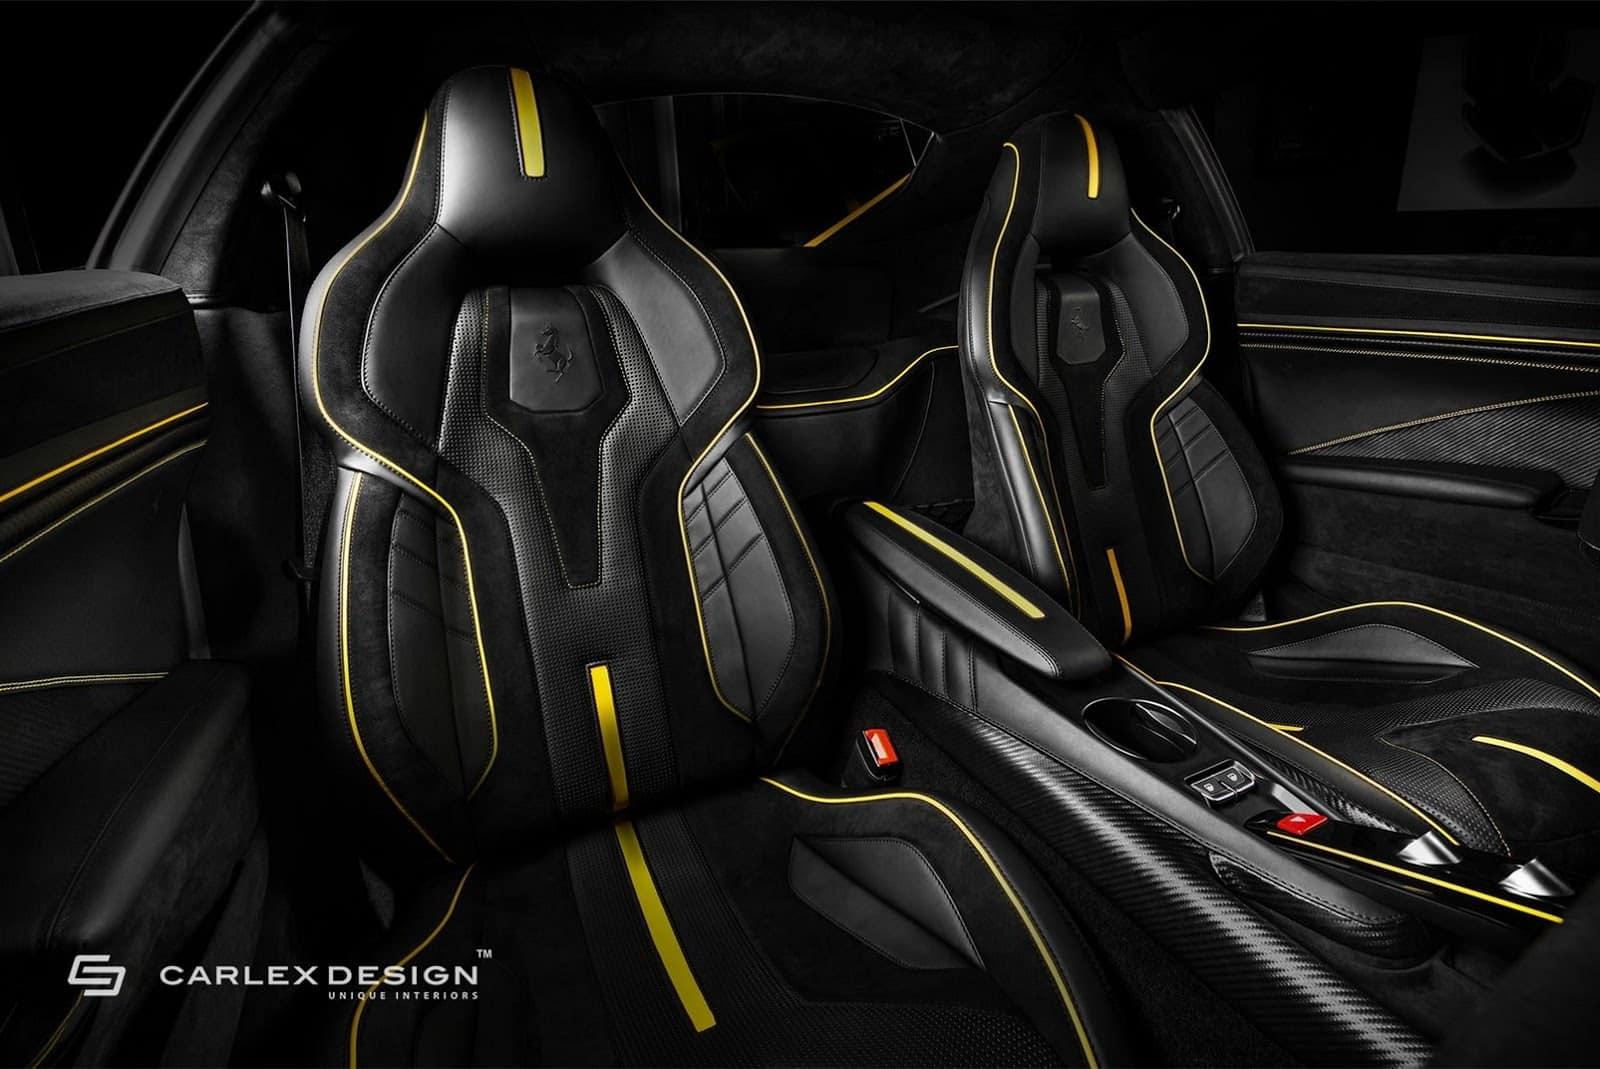 Carlex Design Ferrari F12berlinetta